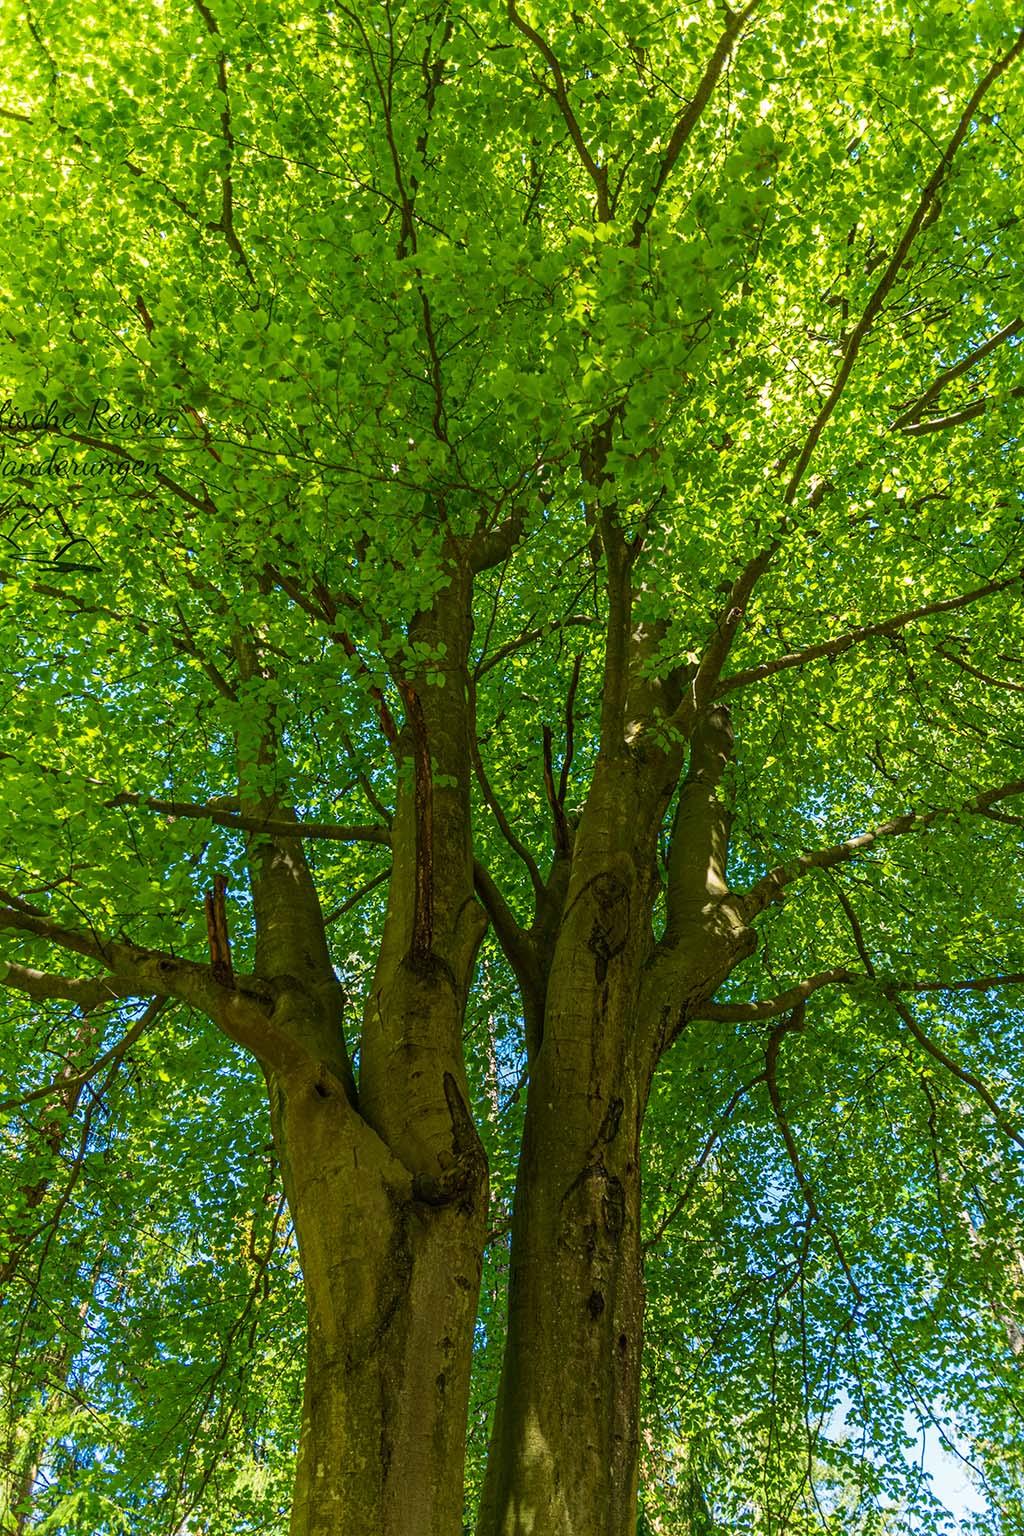 Hoher Baum im Frühjahrskleid